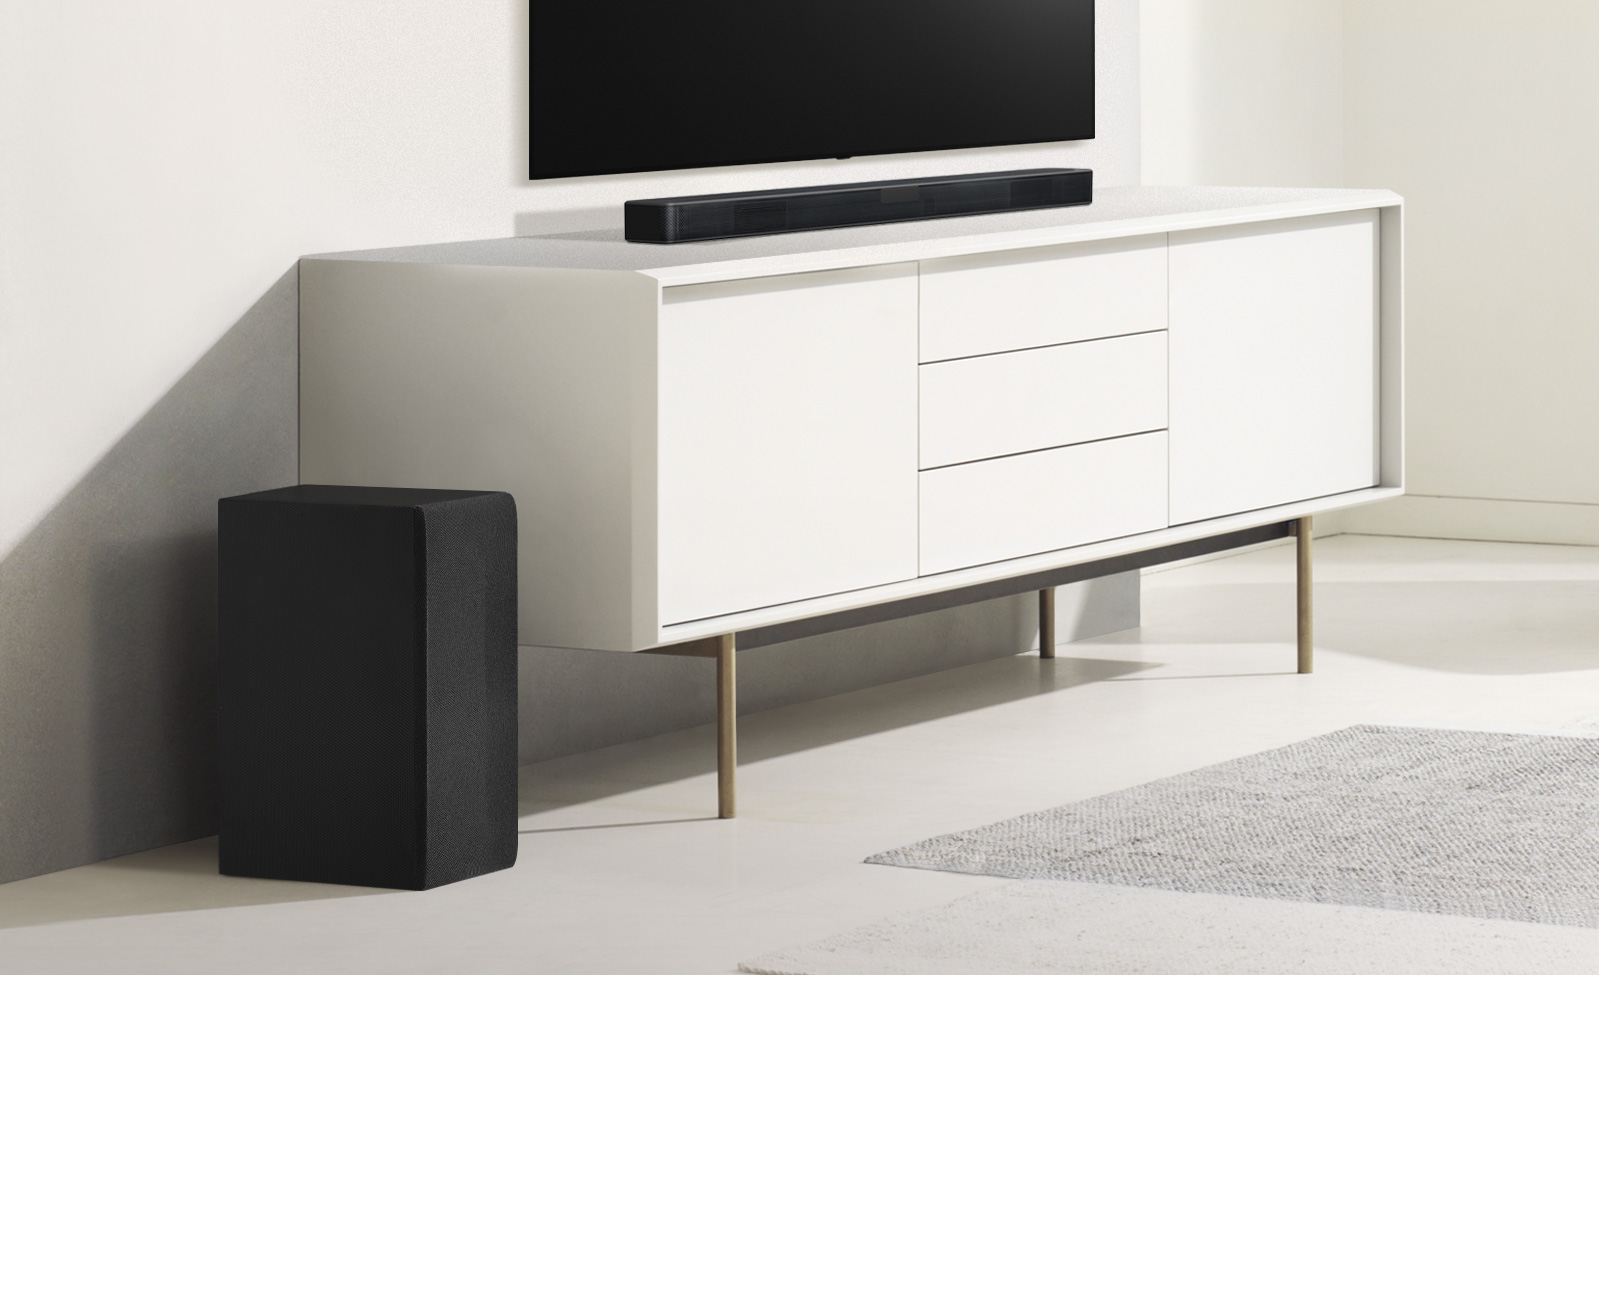 Egy fehér polcon hangprojektor látható, tőle balra pedig egy mélynyomó. A mélynyomó nagyobbnak tűnik, mivel előrébb van.